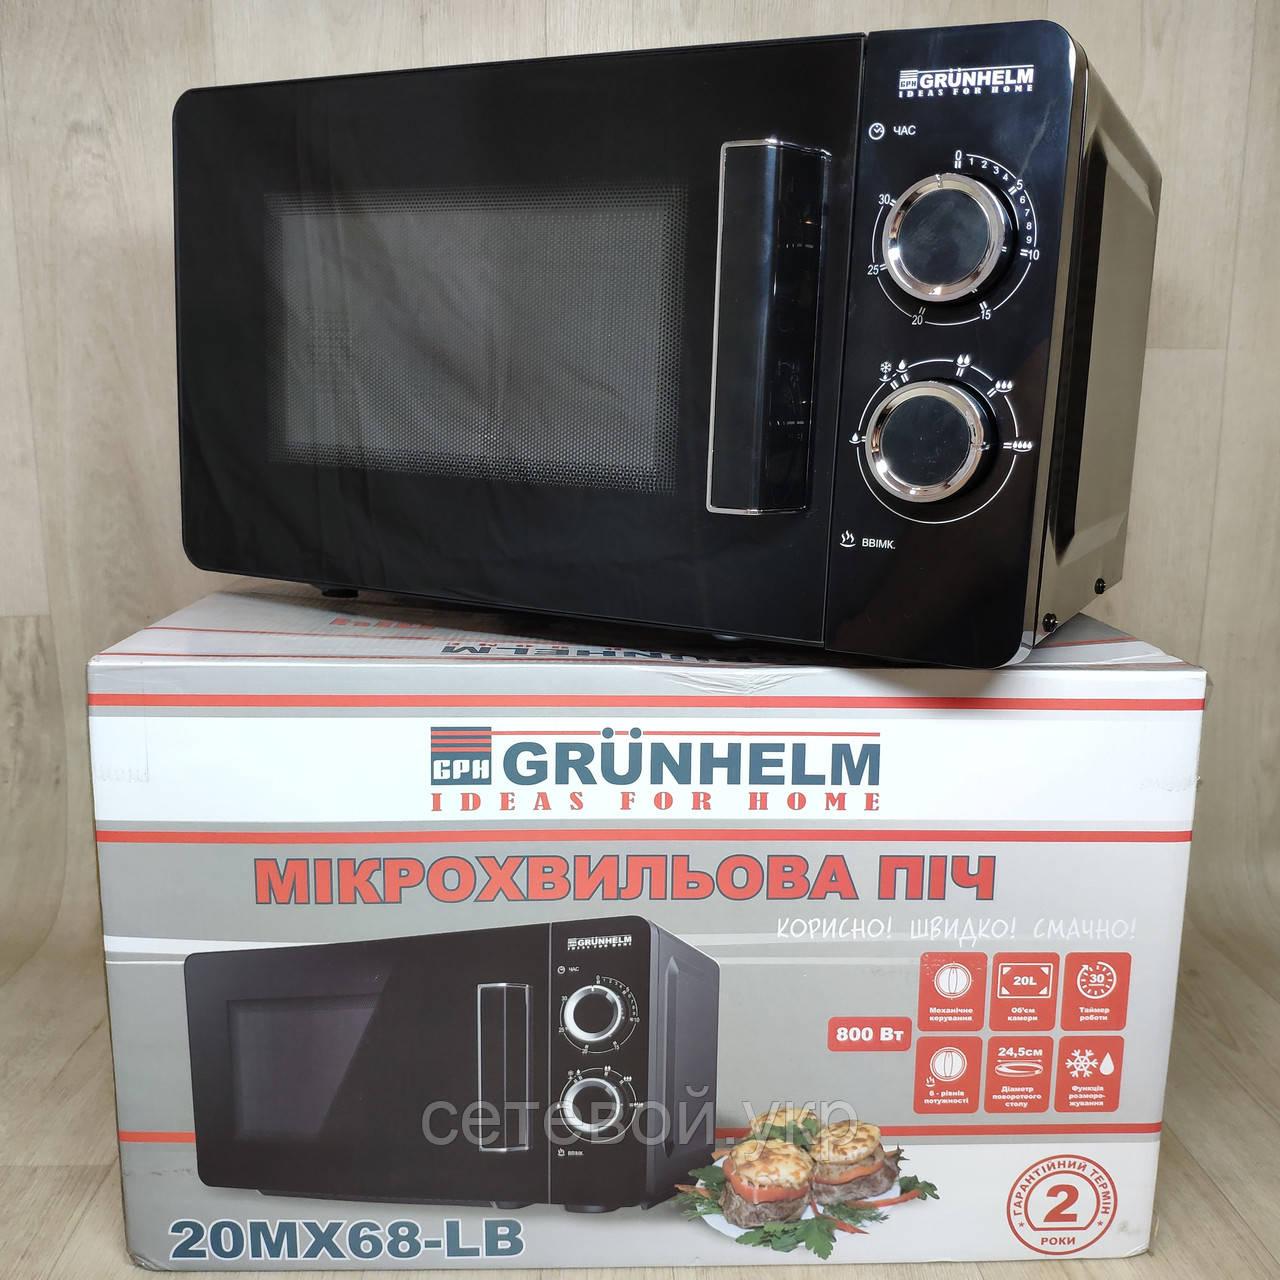 Микроволновая печь Grunhelm 20MX68-LB черная (мощность 800 Вт)